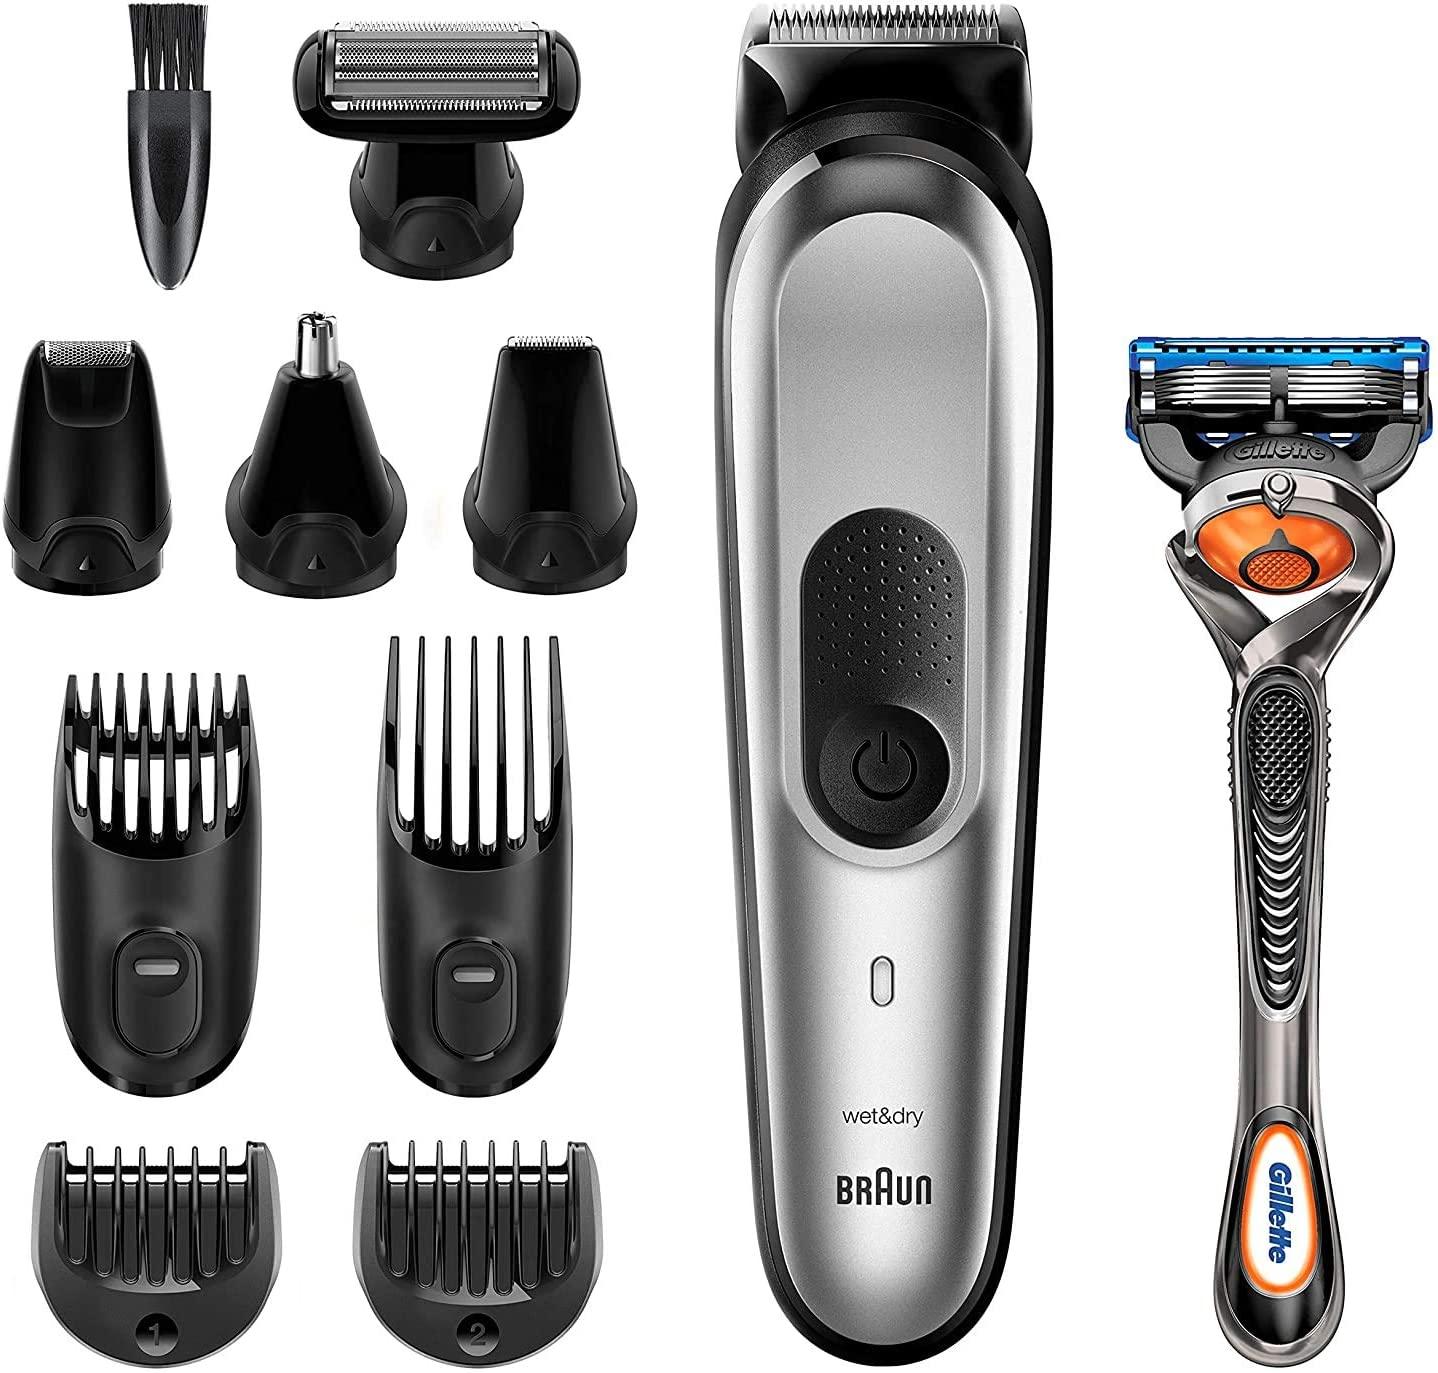 Braun Recortadora MGK7220 10 en 1 - Set de depilación corporal y cortapelos